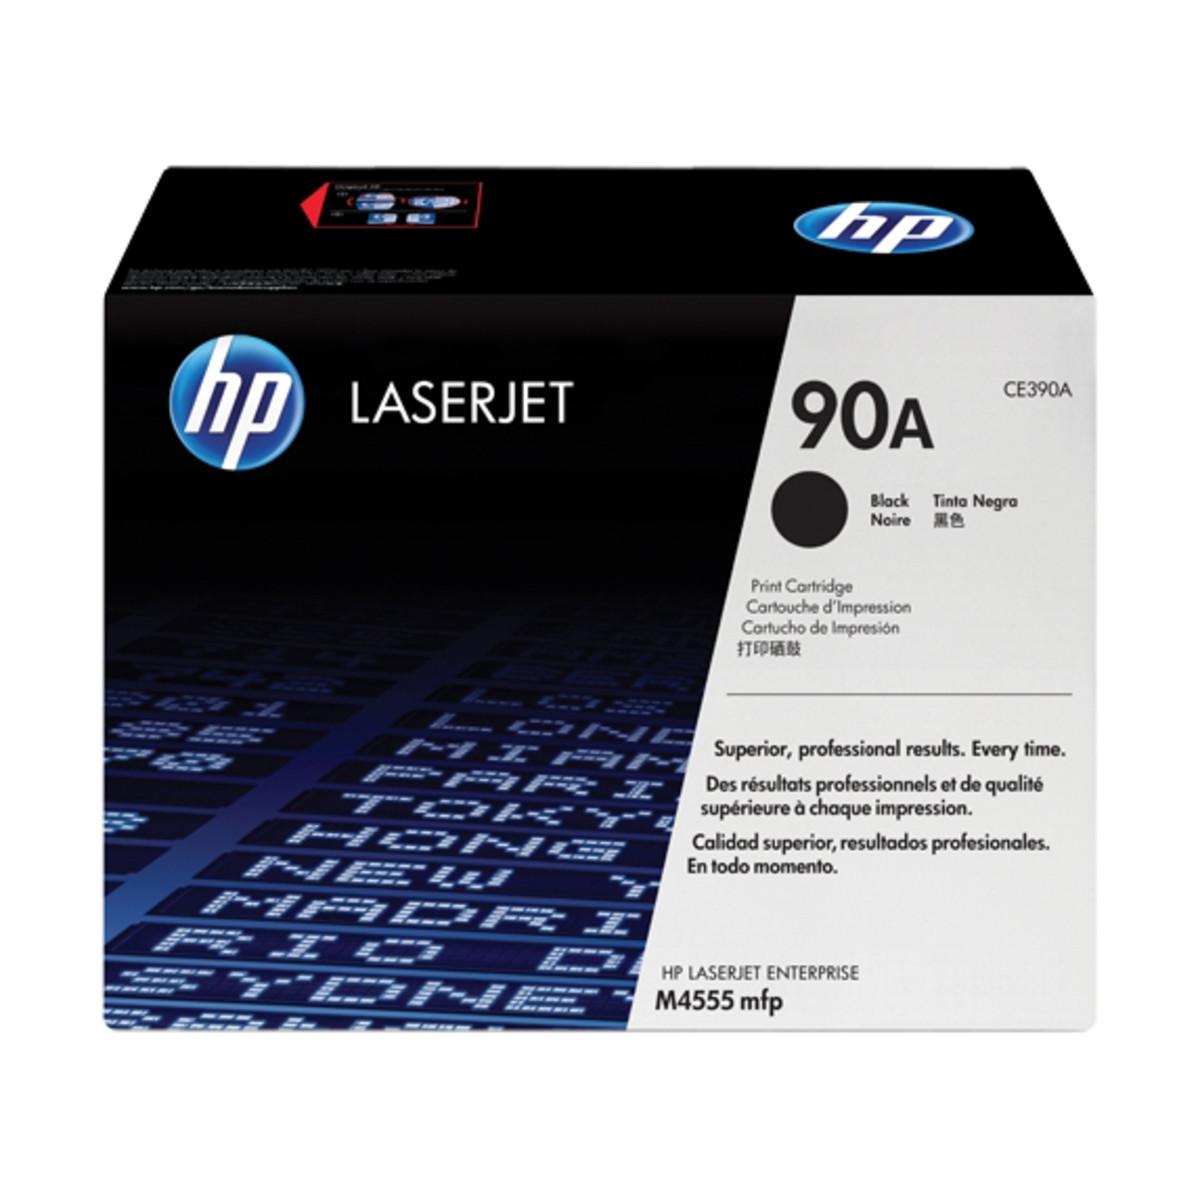 HP 90A (CE390A) Black Toner Cartridge